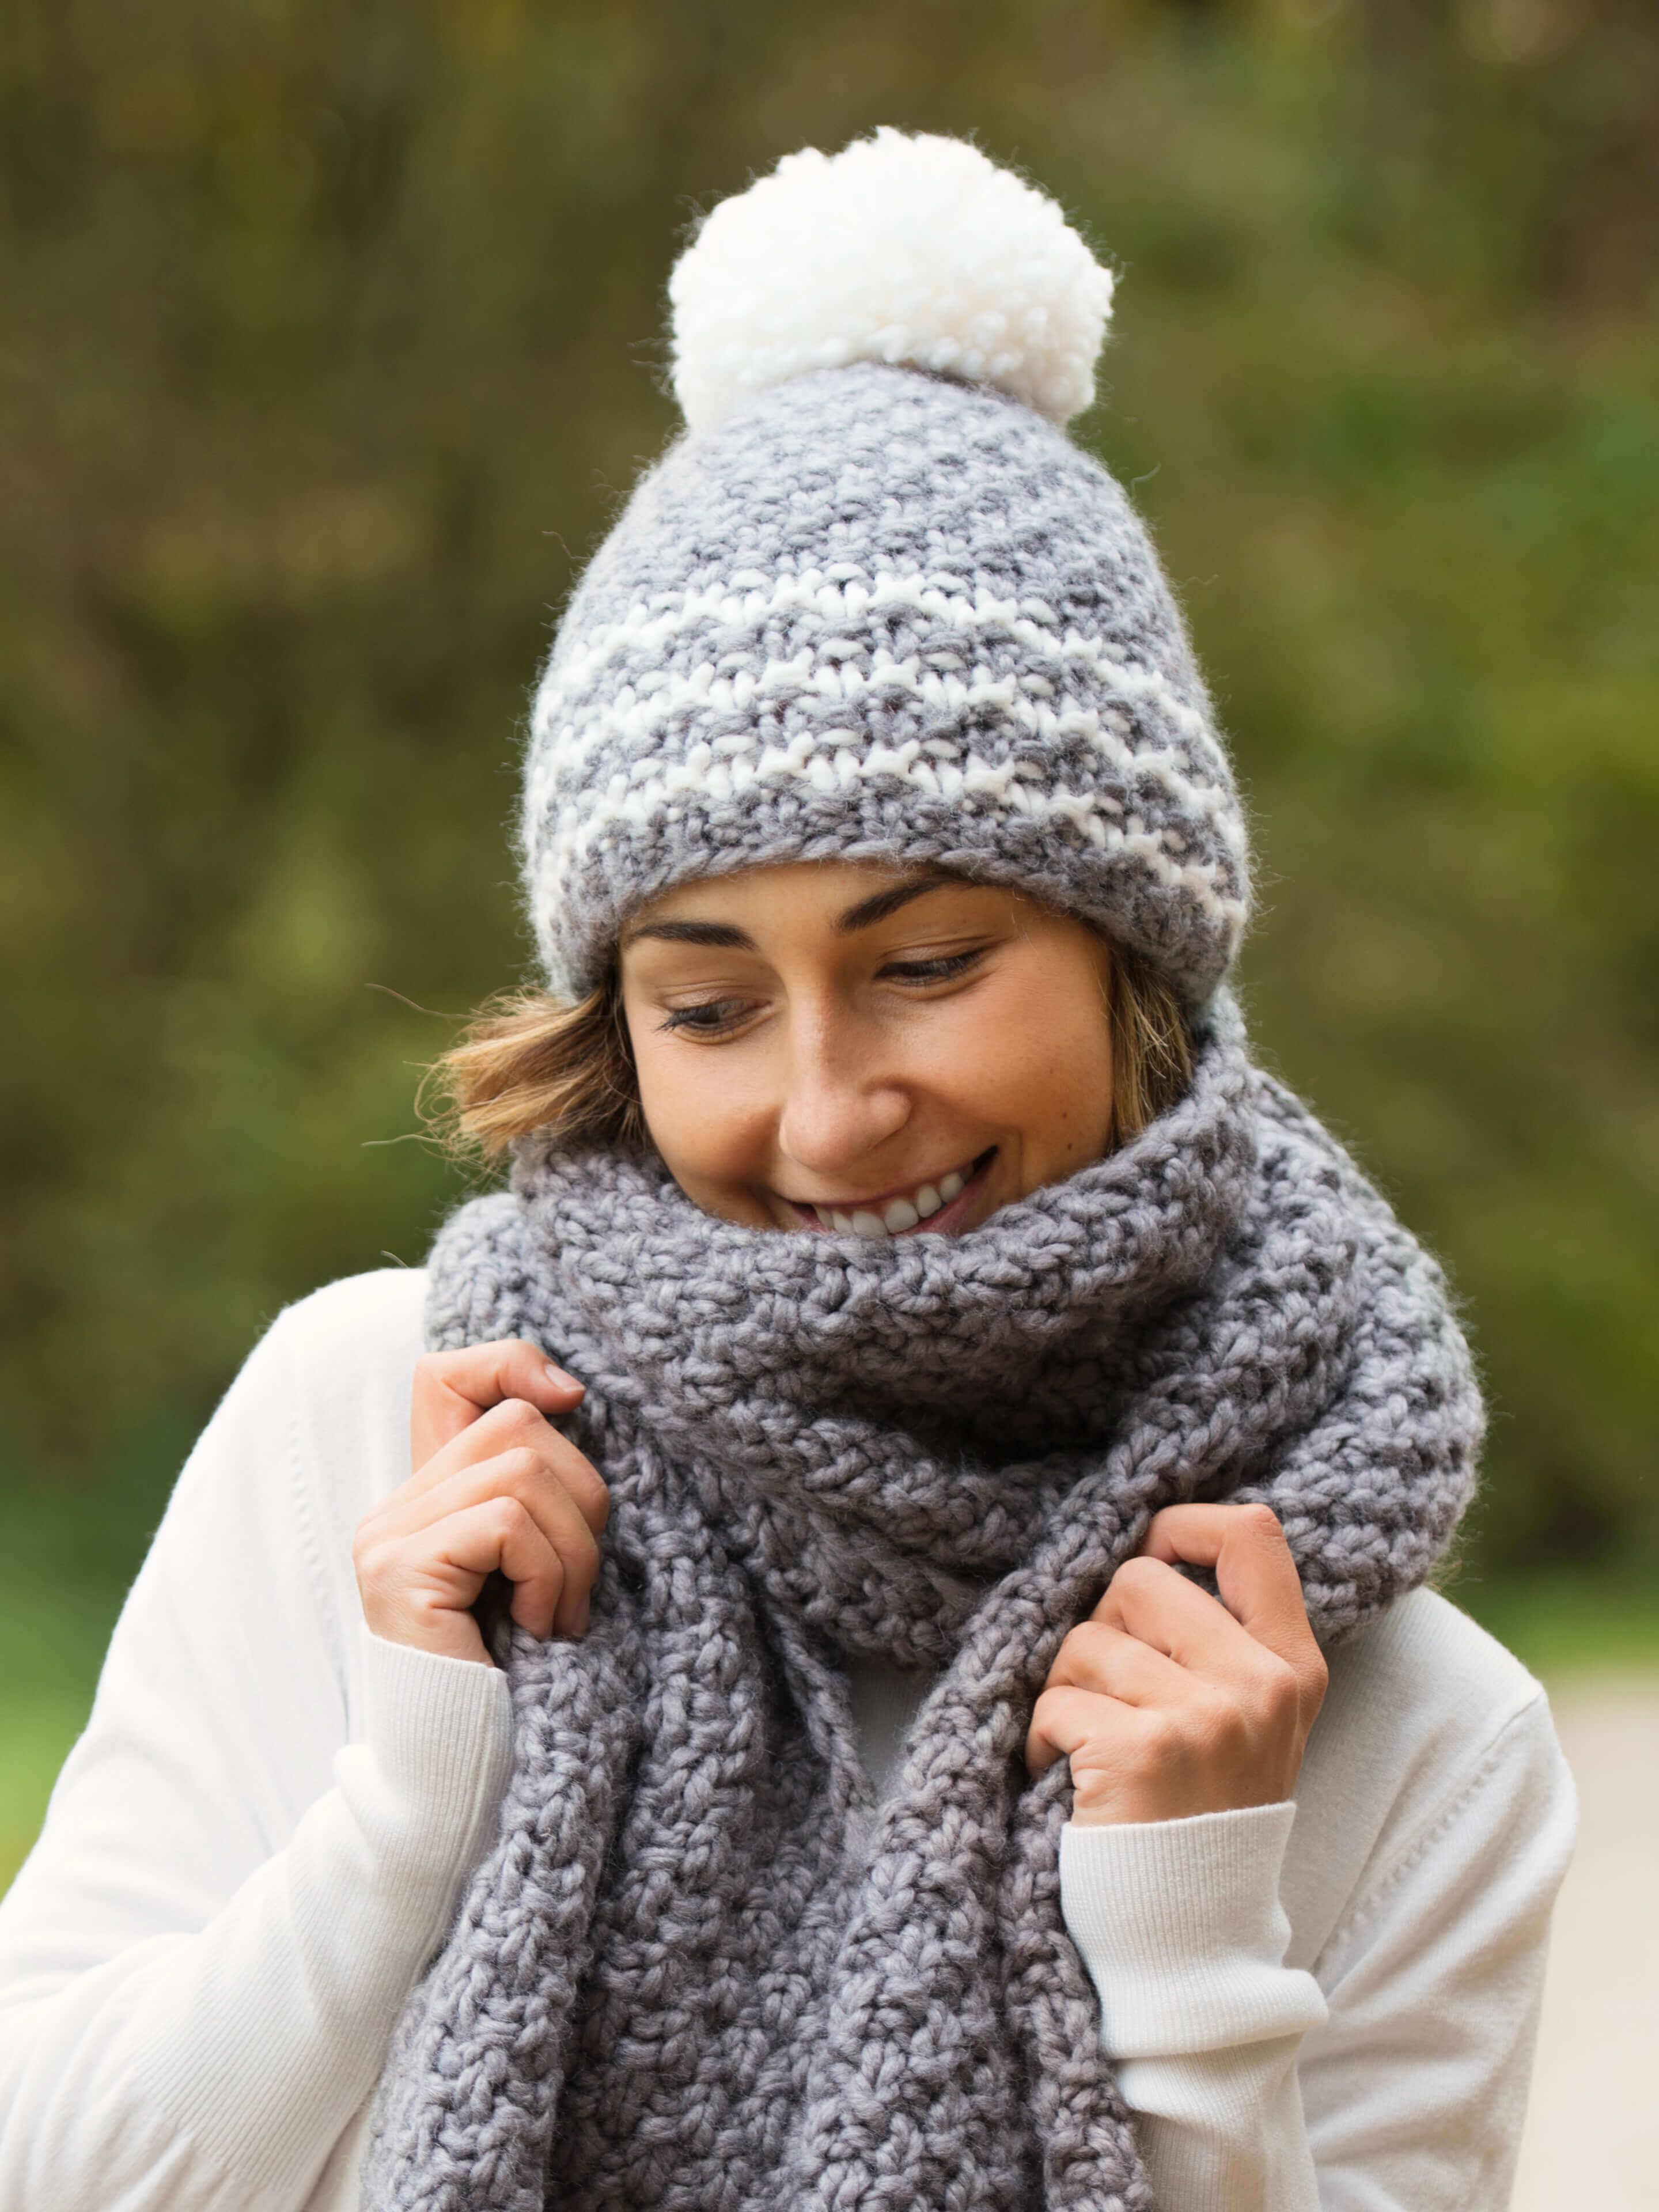 Frau mit Wintermütze und Kuschelschal